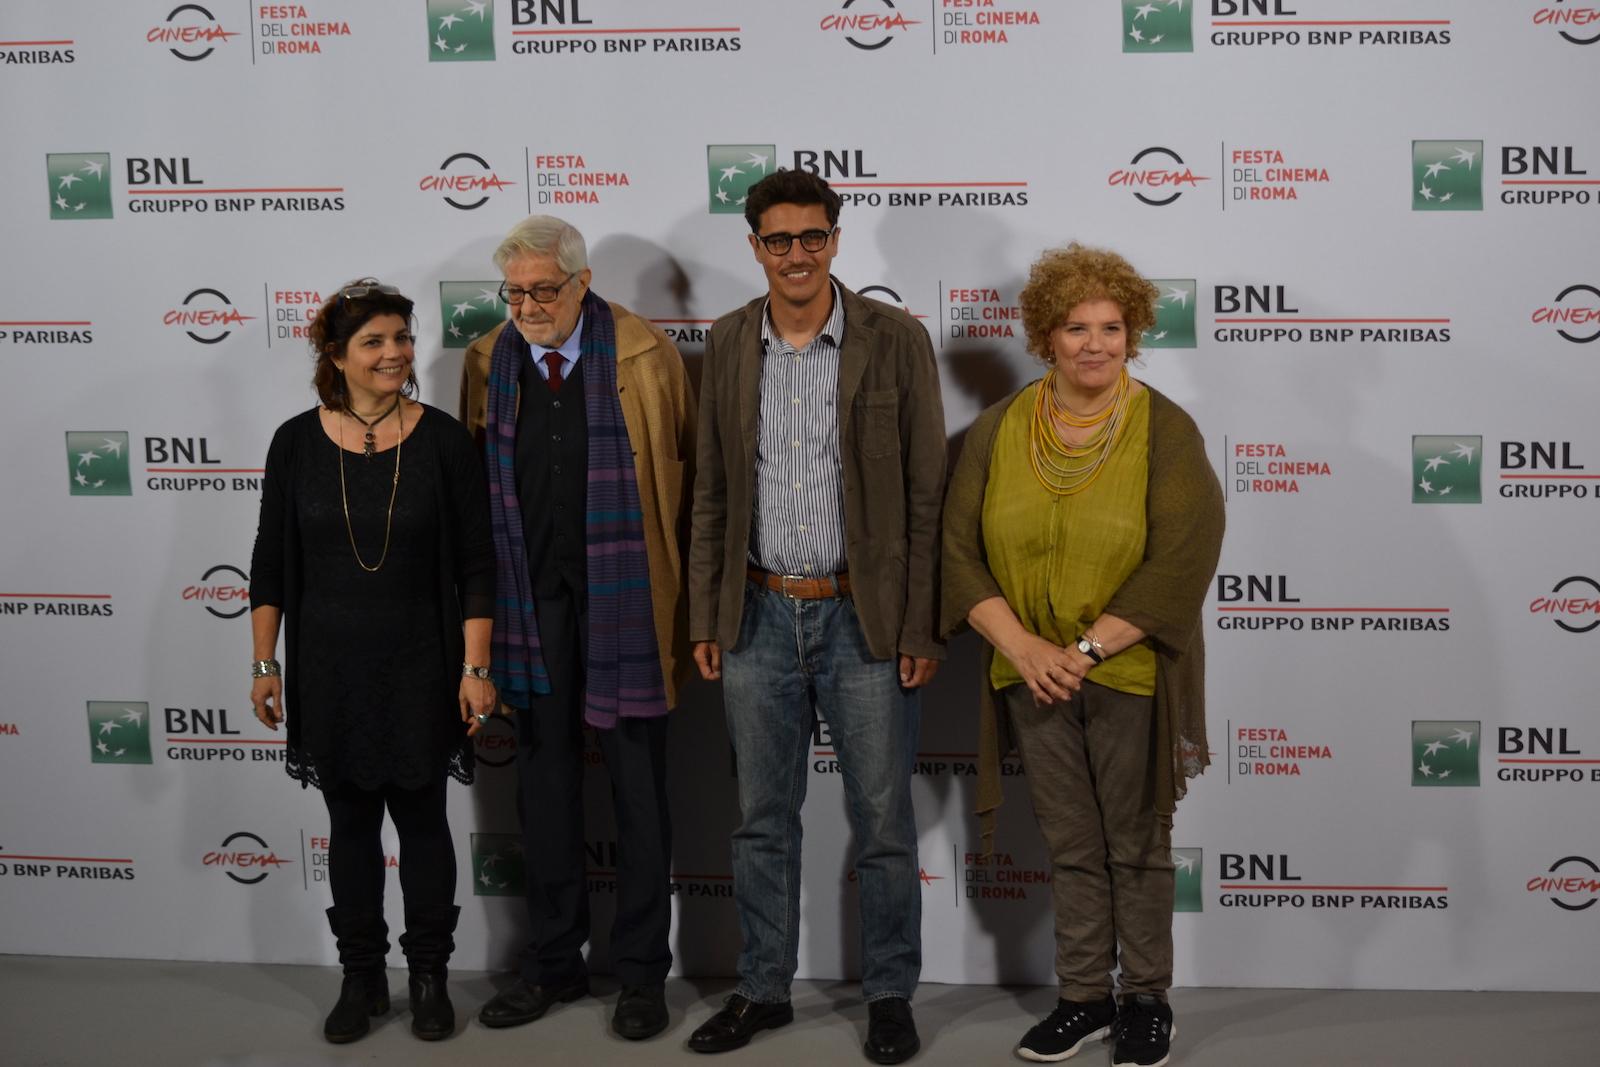 Roma 2015: Ettore Scola, Pierfrancesco Diliberto, Silvia Scola e Paola Scola al photocall di Ridendo e Scherzando